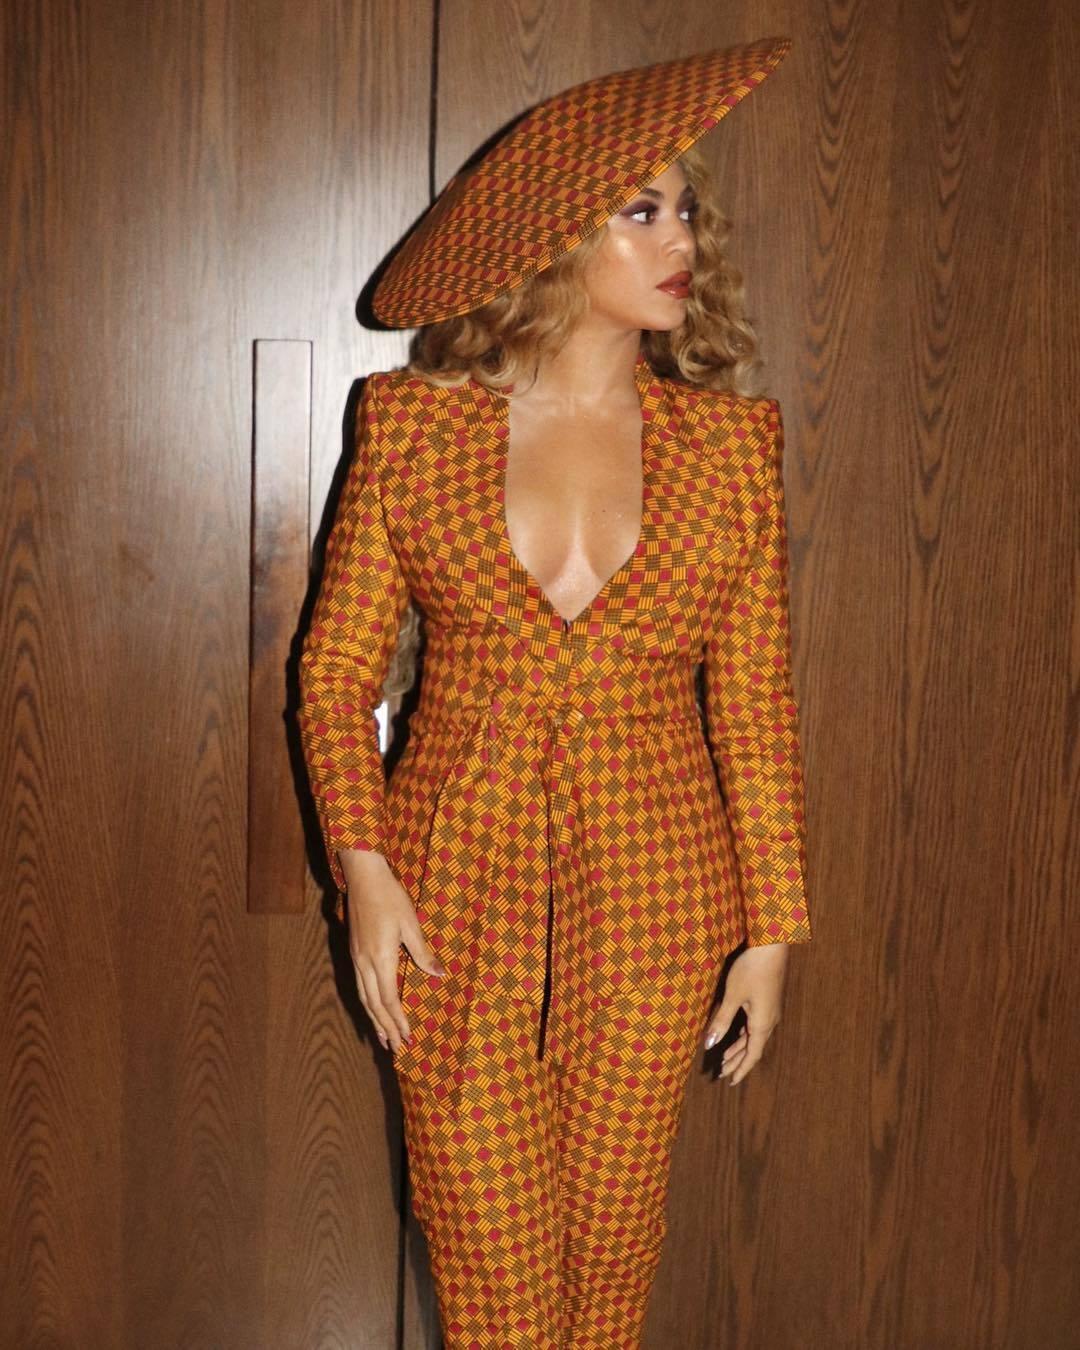 Beyoncé Wears Ankara Printed Suit and Hat